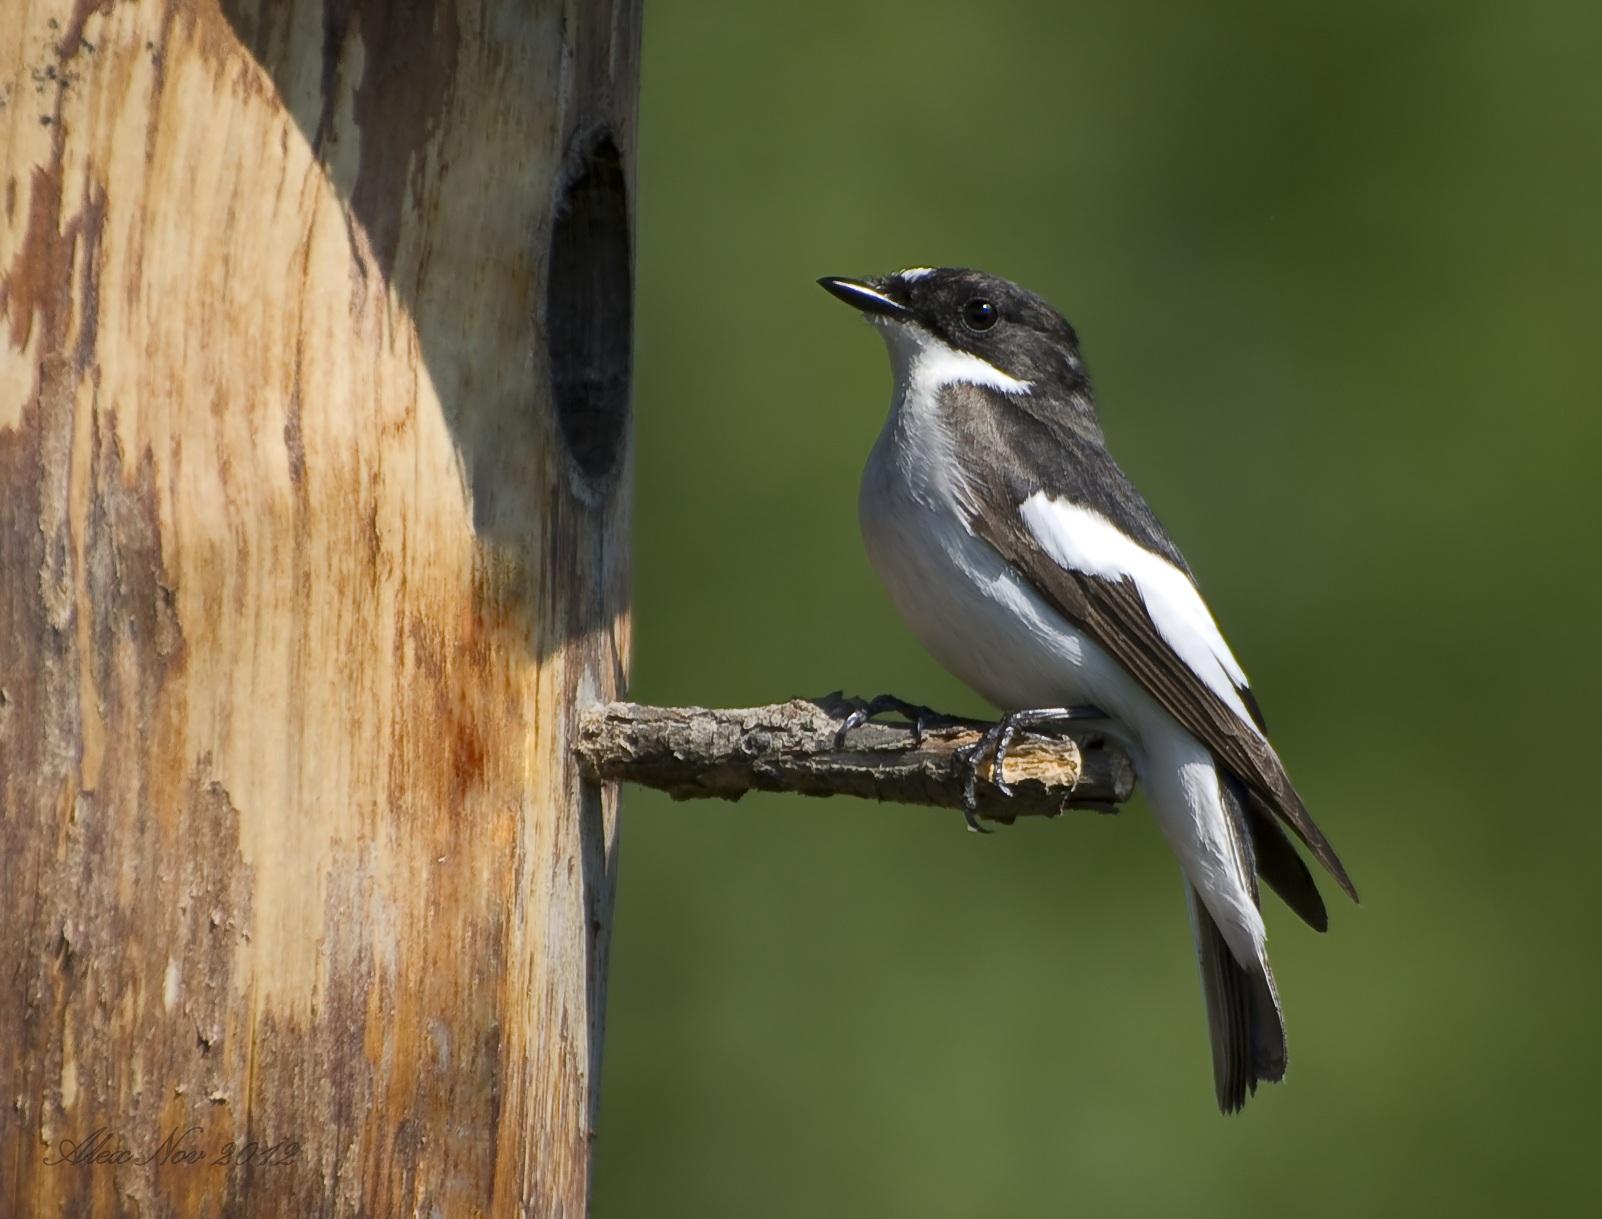 В Коми из-за погодных аномалий птицы с трудом выживают и выкармливают птенцов